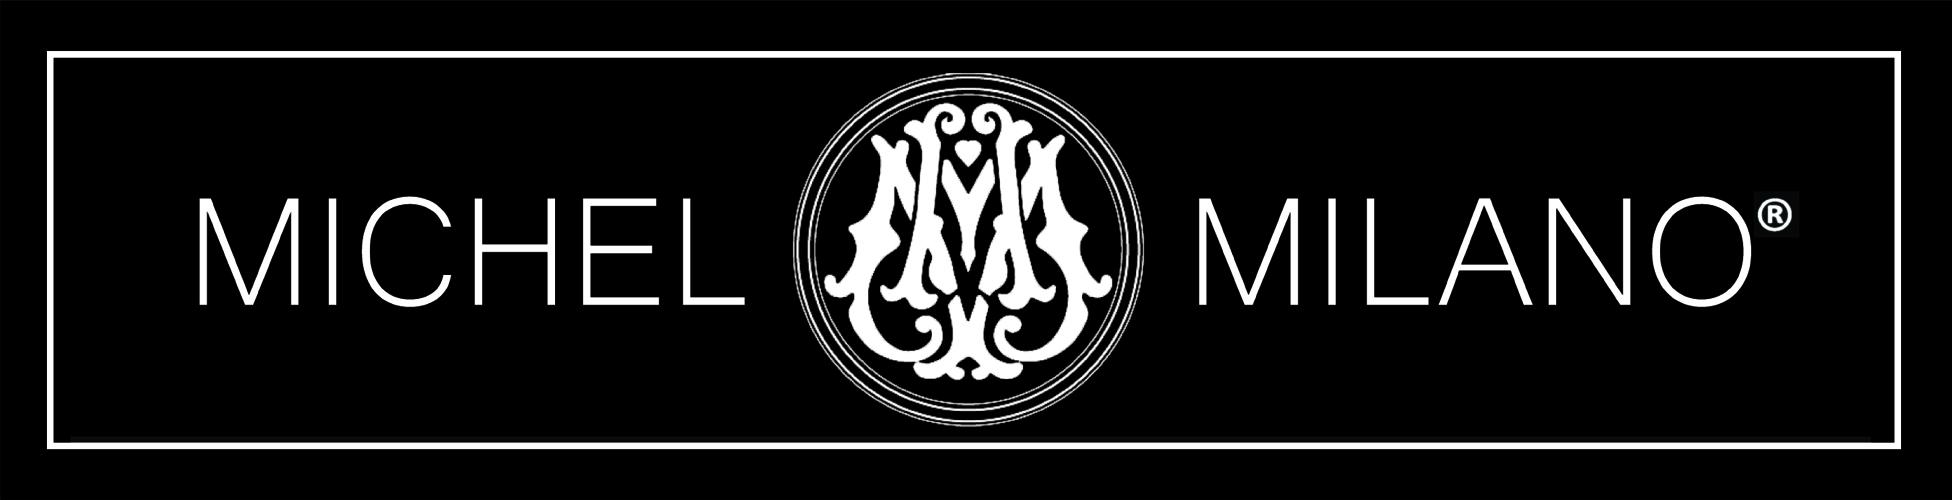 MM Logo master.jpg